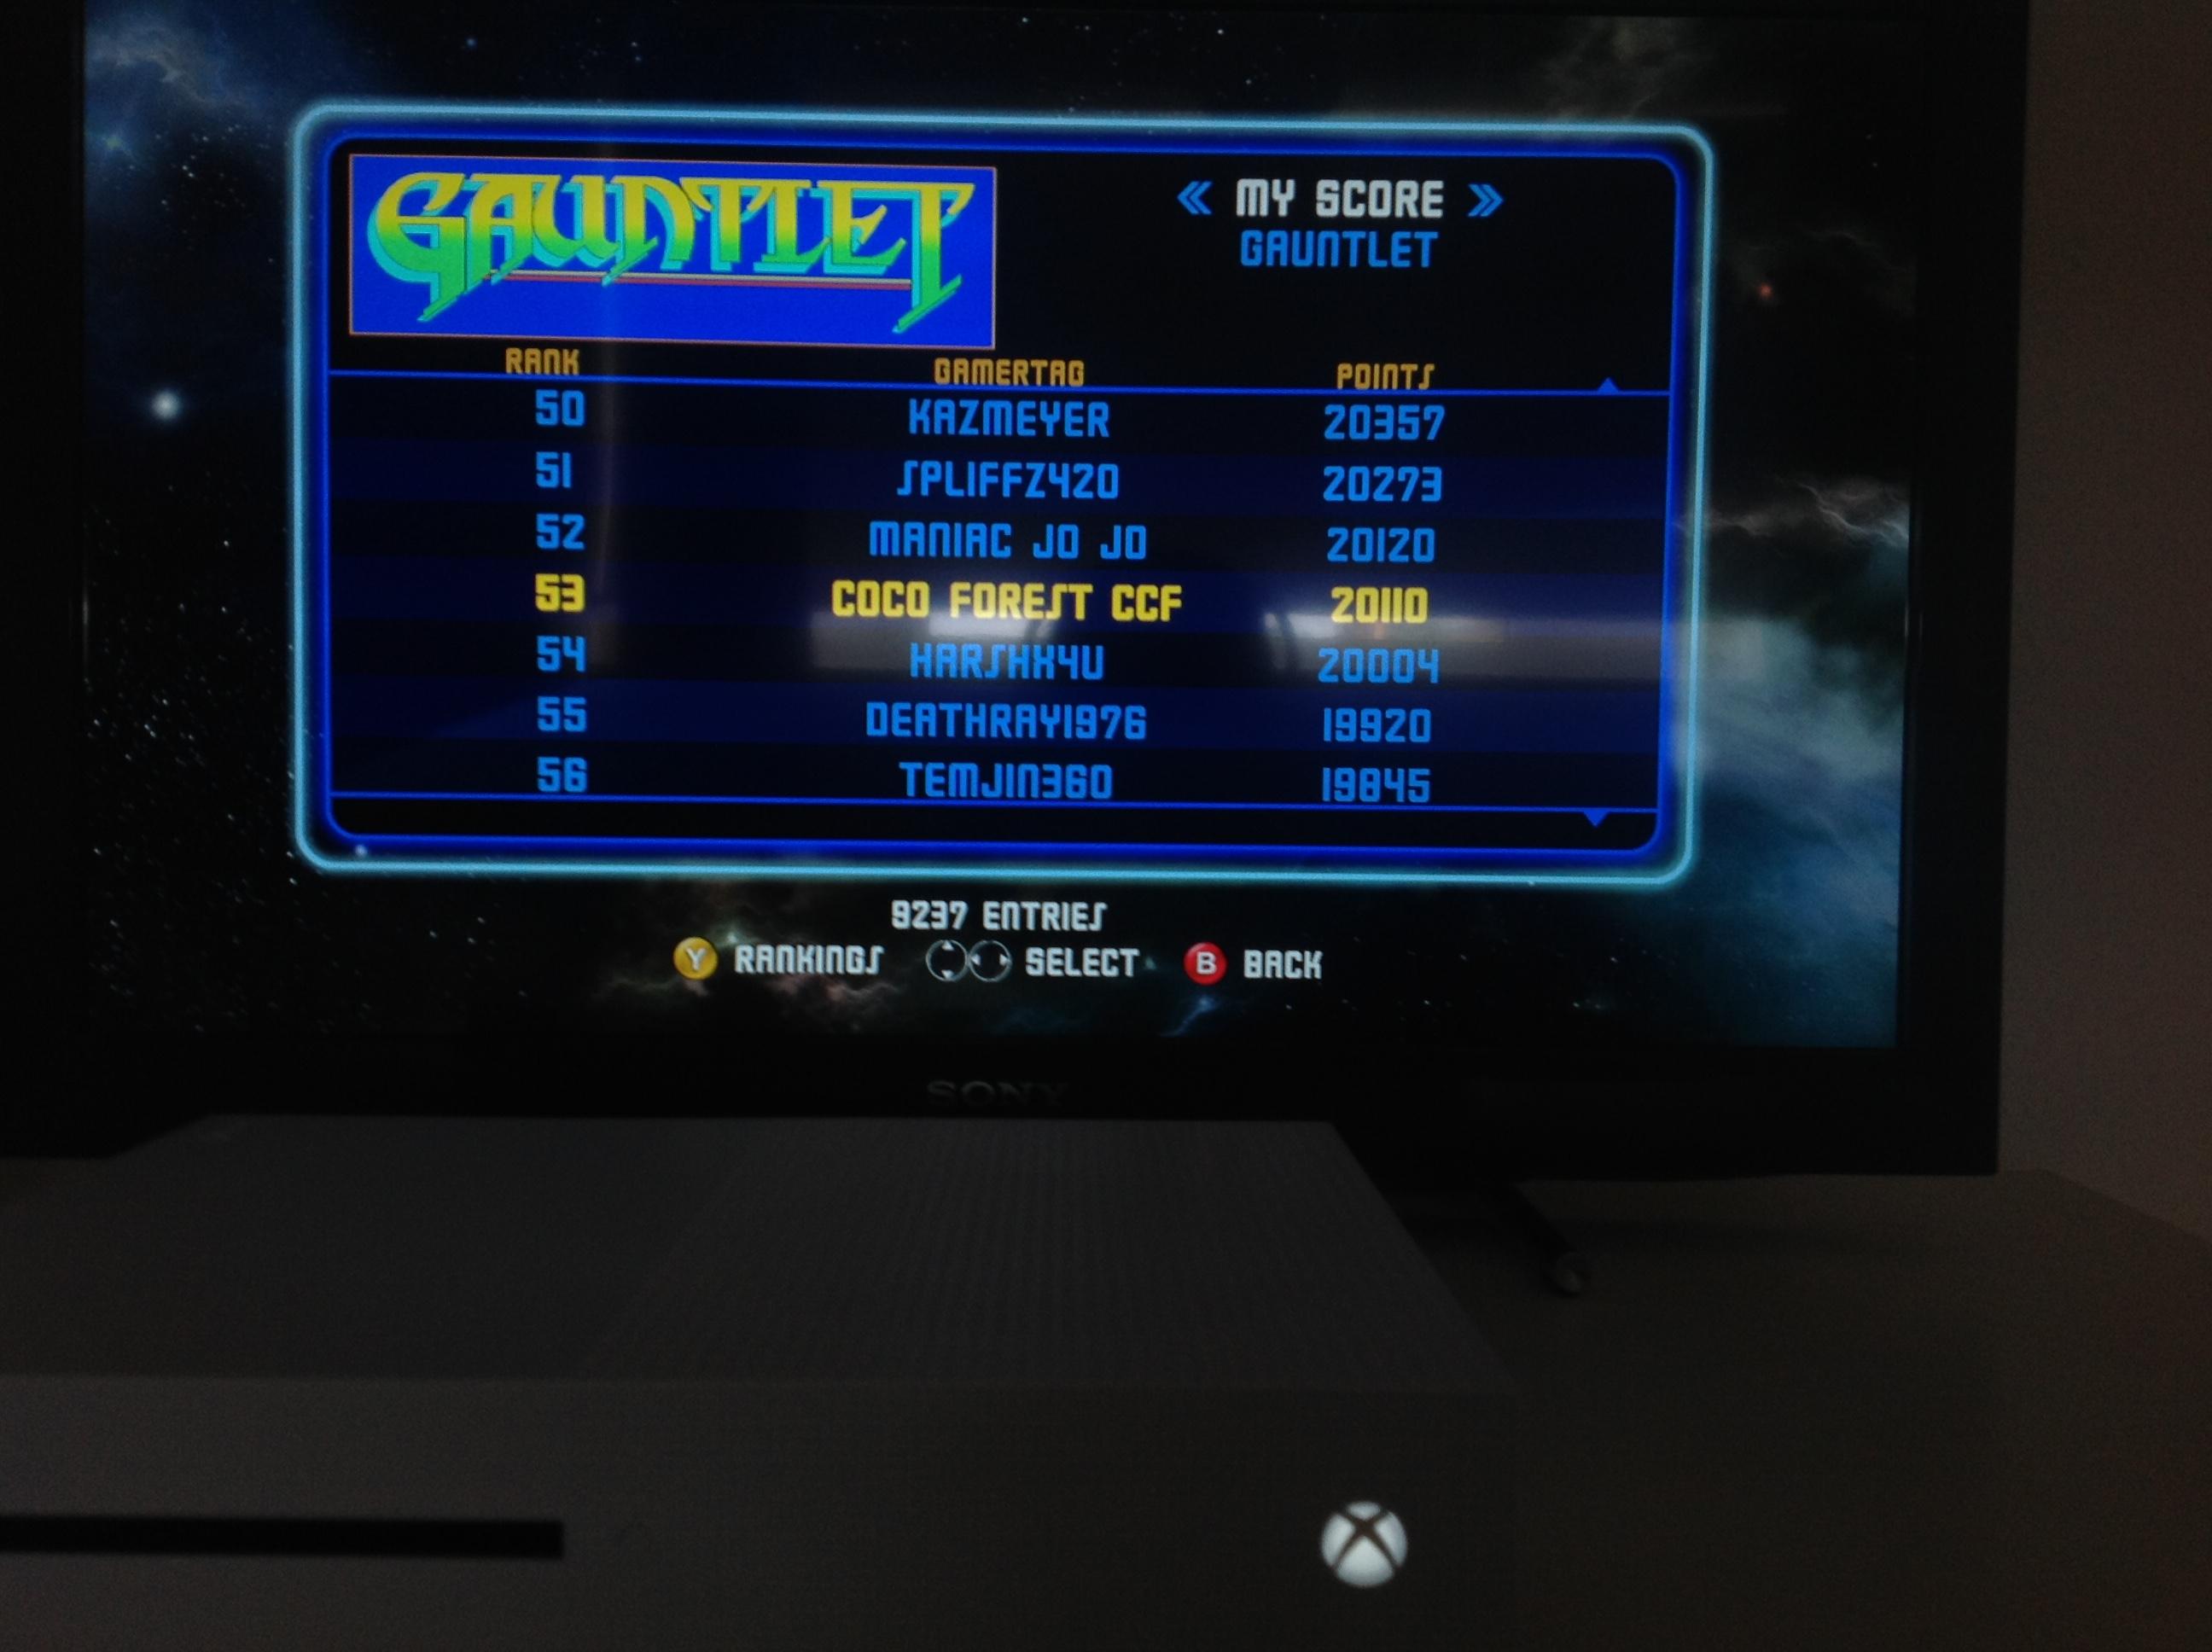 CoCoForest: Midway Arcade Origins: Gauntlet [Medium] (Xbox 360) 20,110 points on 2019-05-27 02:06:53